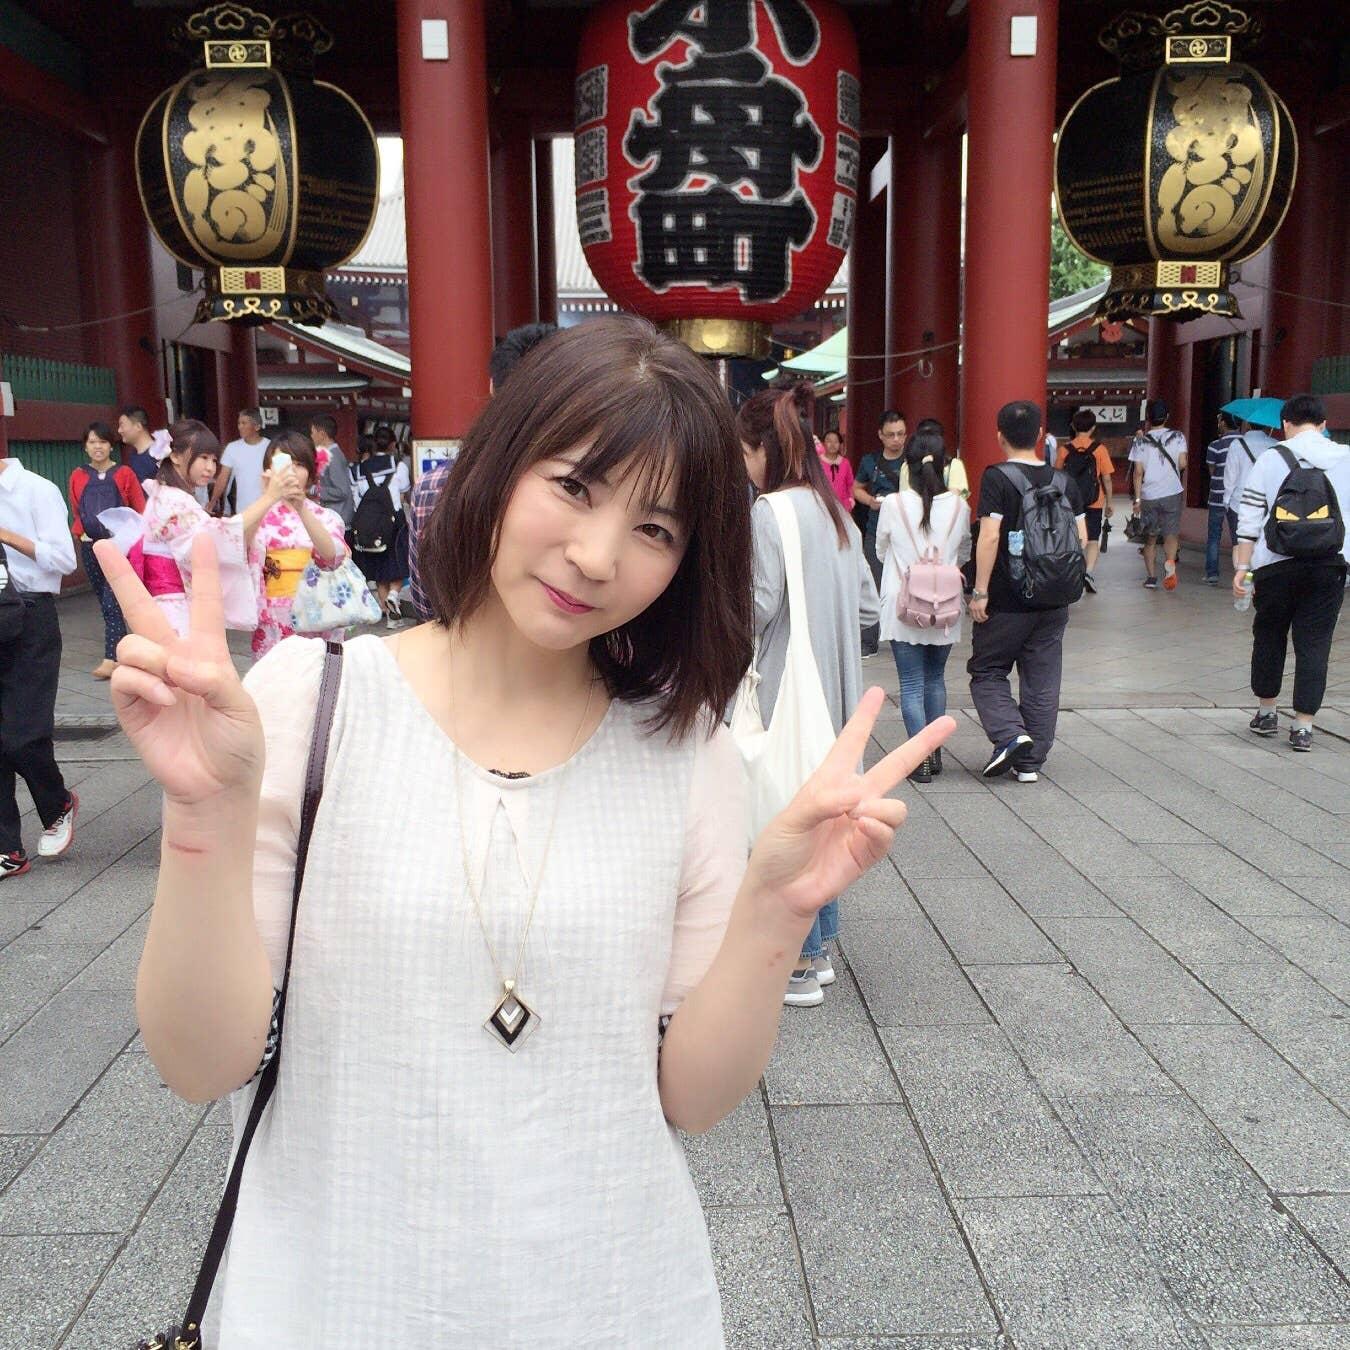 Nishi Tomoko